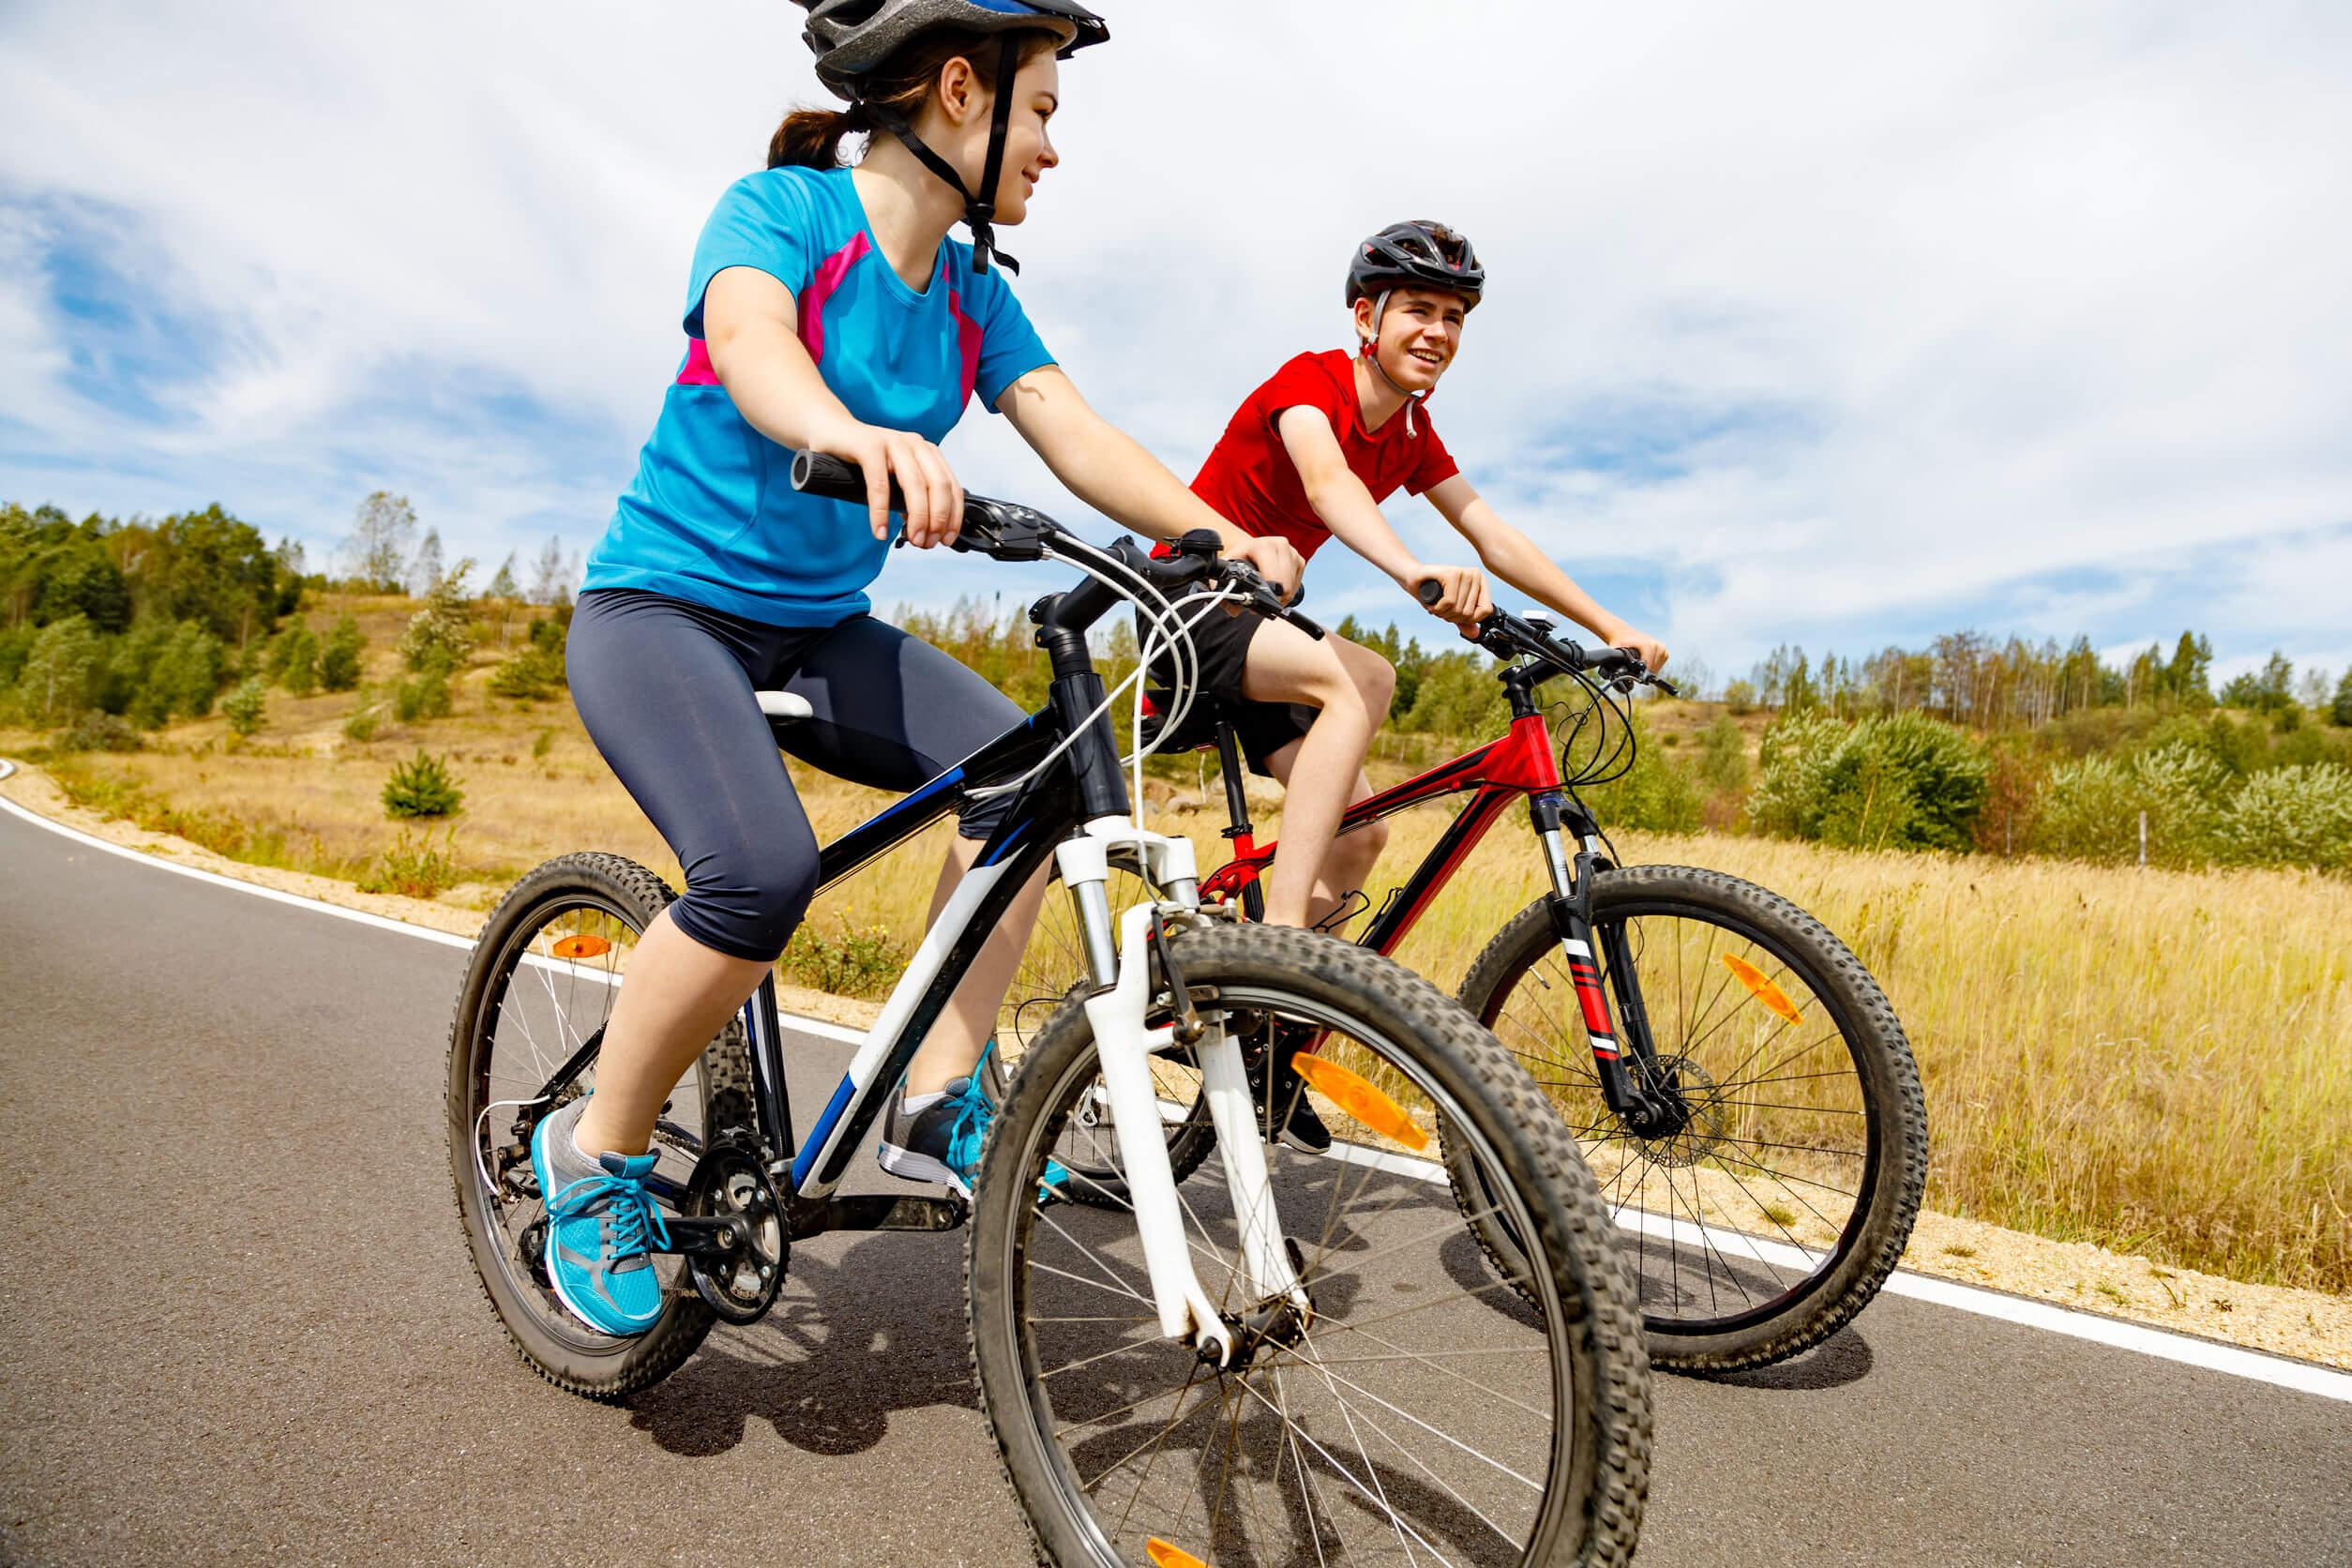 Adolescentes montando en bicicleta porque conocen los beneficios del deporte en la adolescencia.